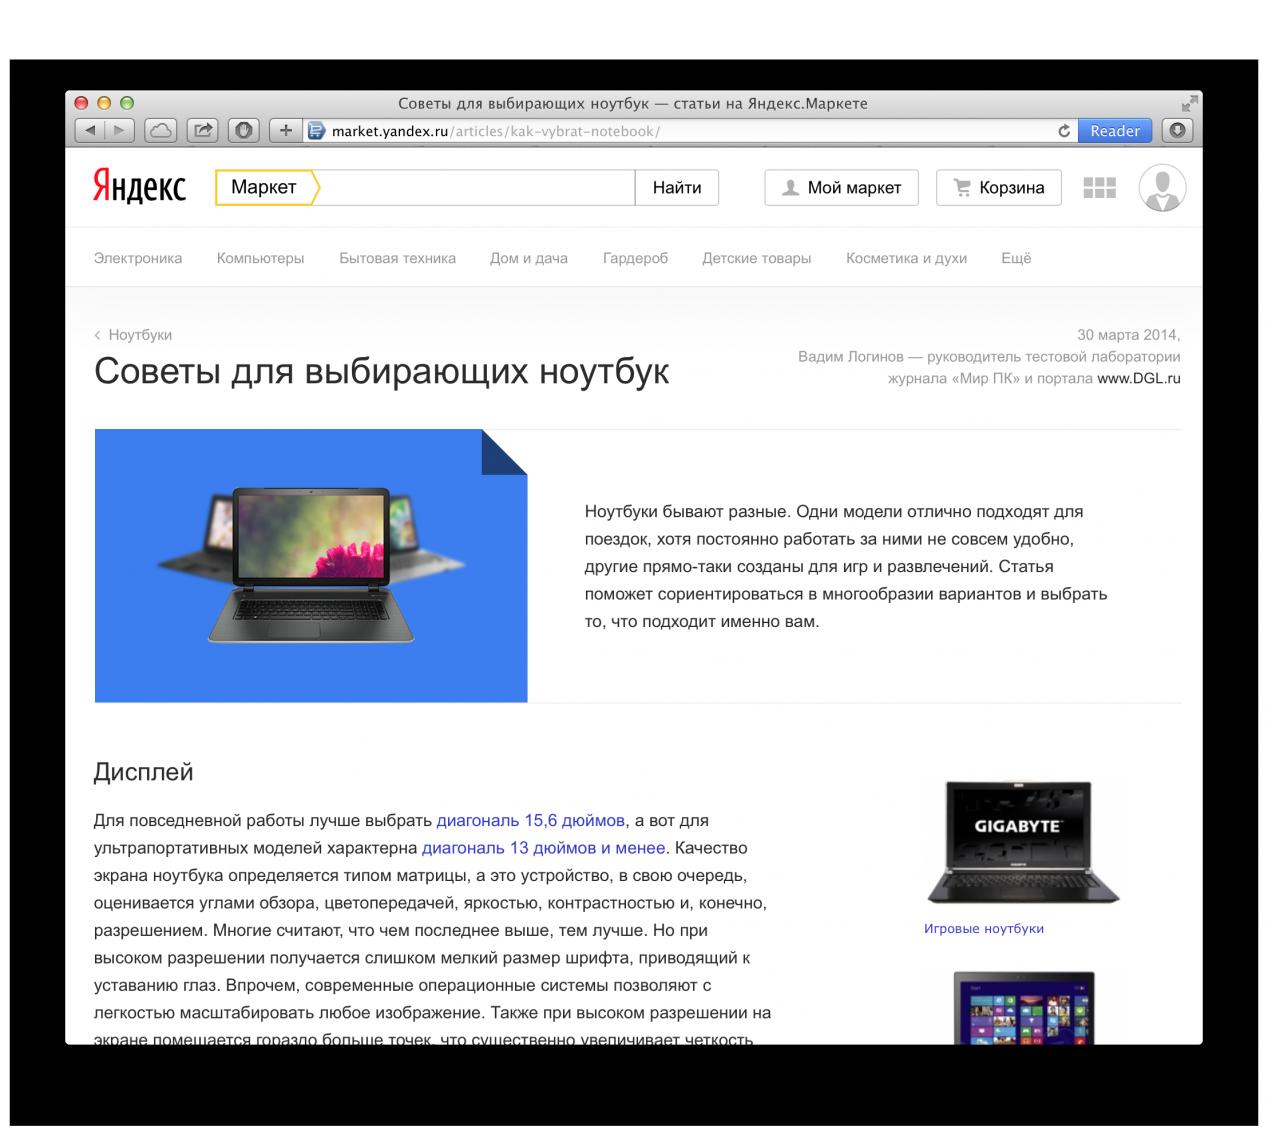 Яндекс.Маркет ждет экспертных статей от Hi-Tech@Mail.ru - 1